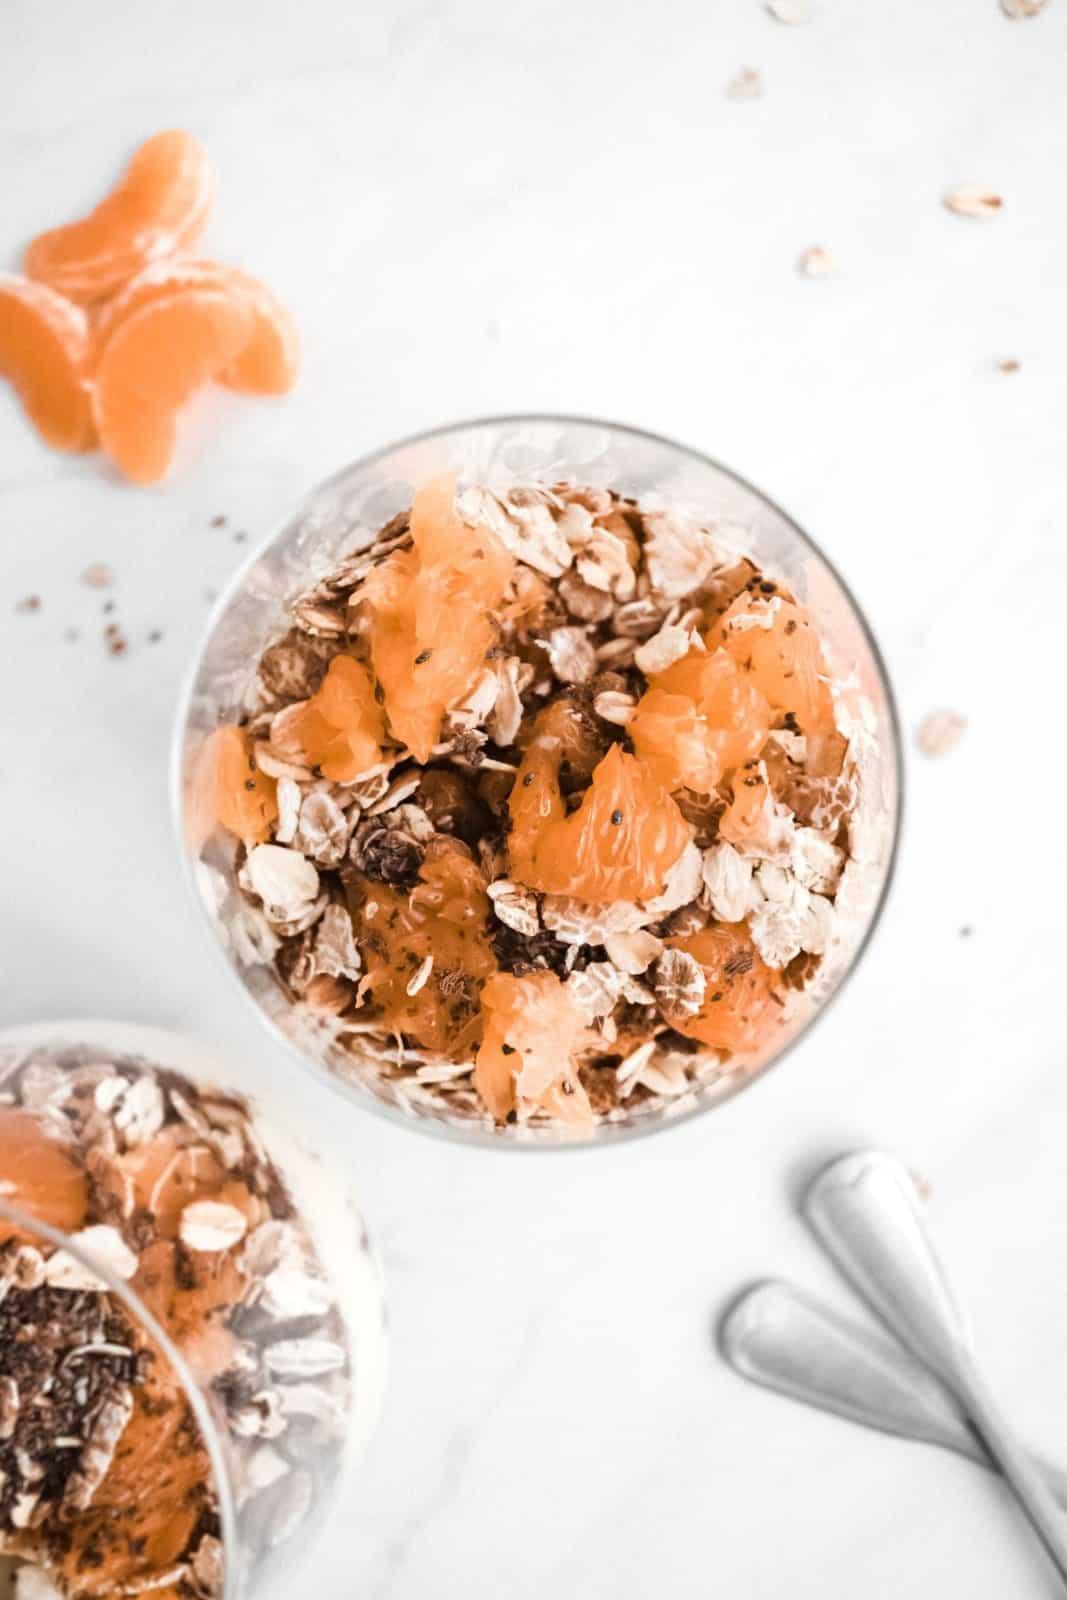 Tangerine Yoghurt & Fruit Parfait (Vegan)